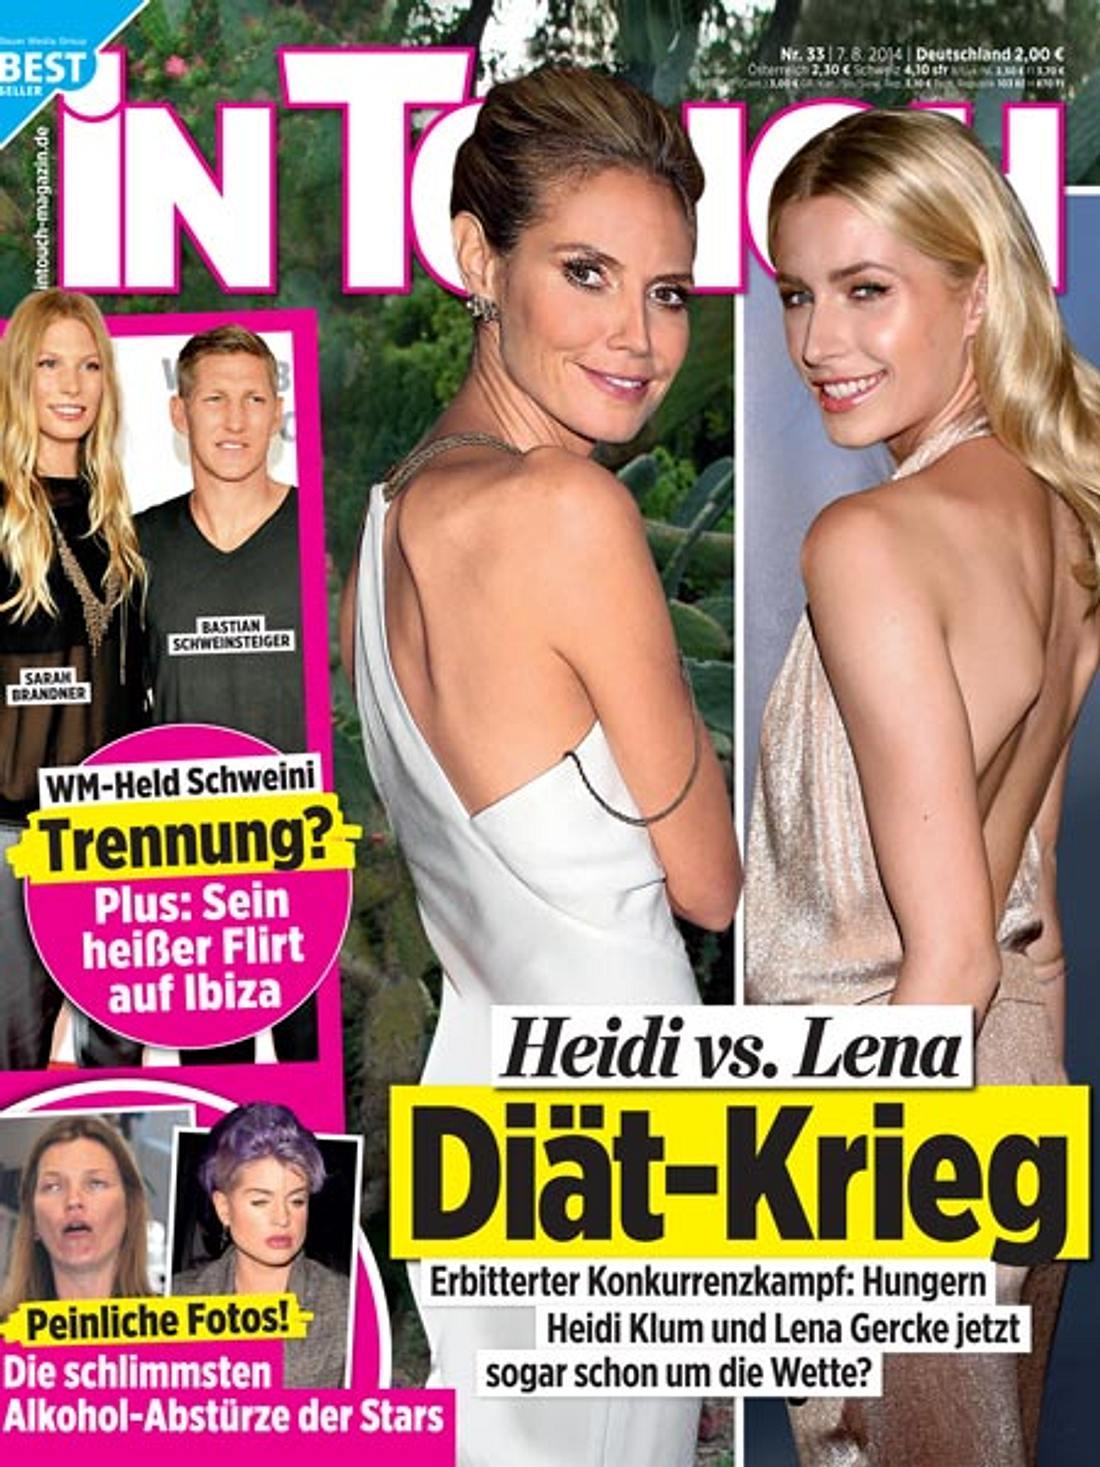 InTouch: Diät-Krieg zwischen Heidi Klum und Lena Gercke